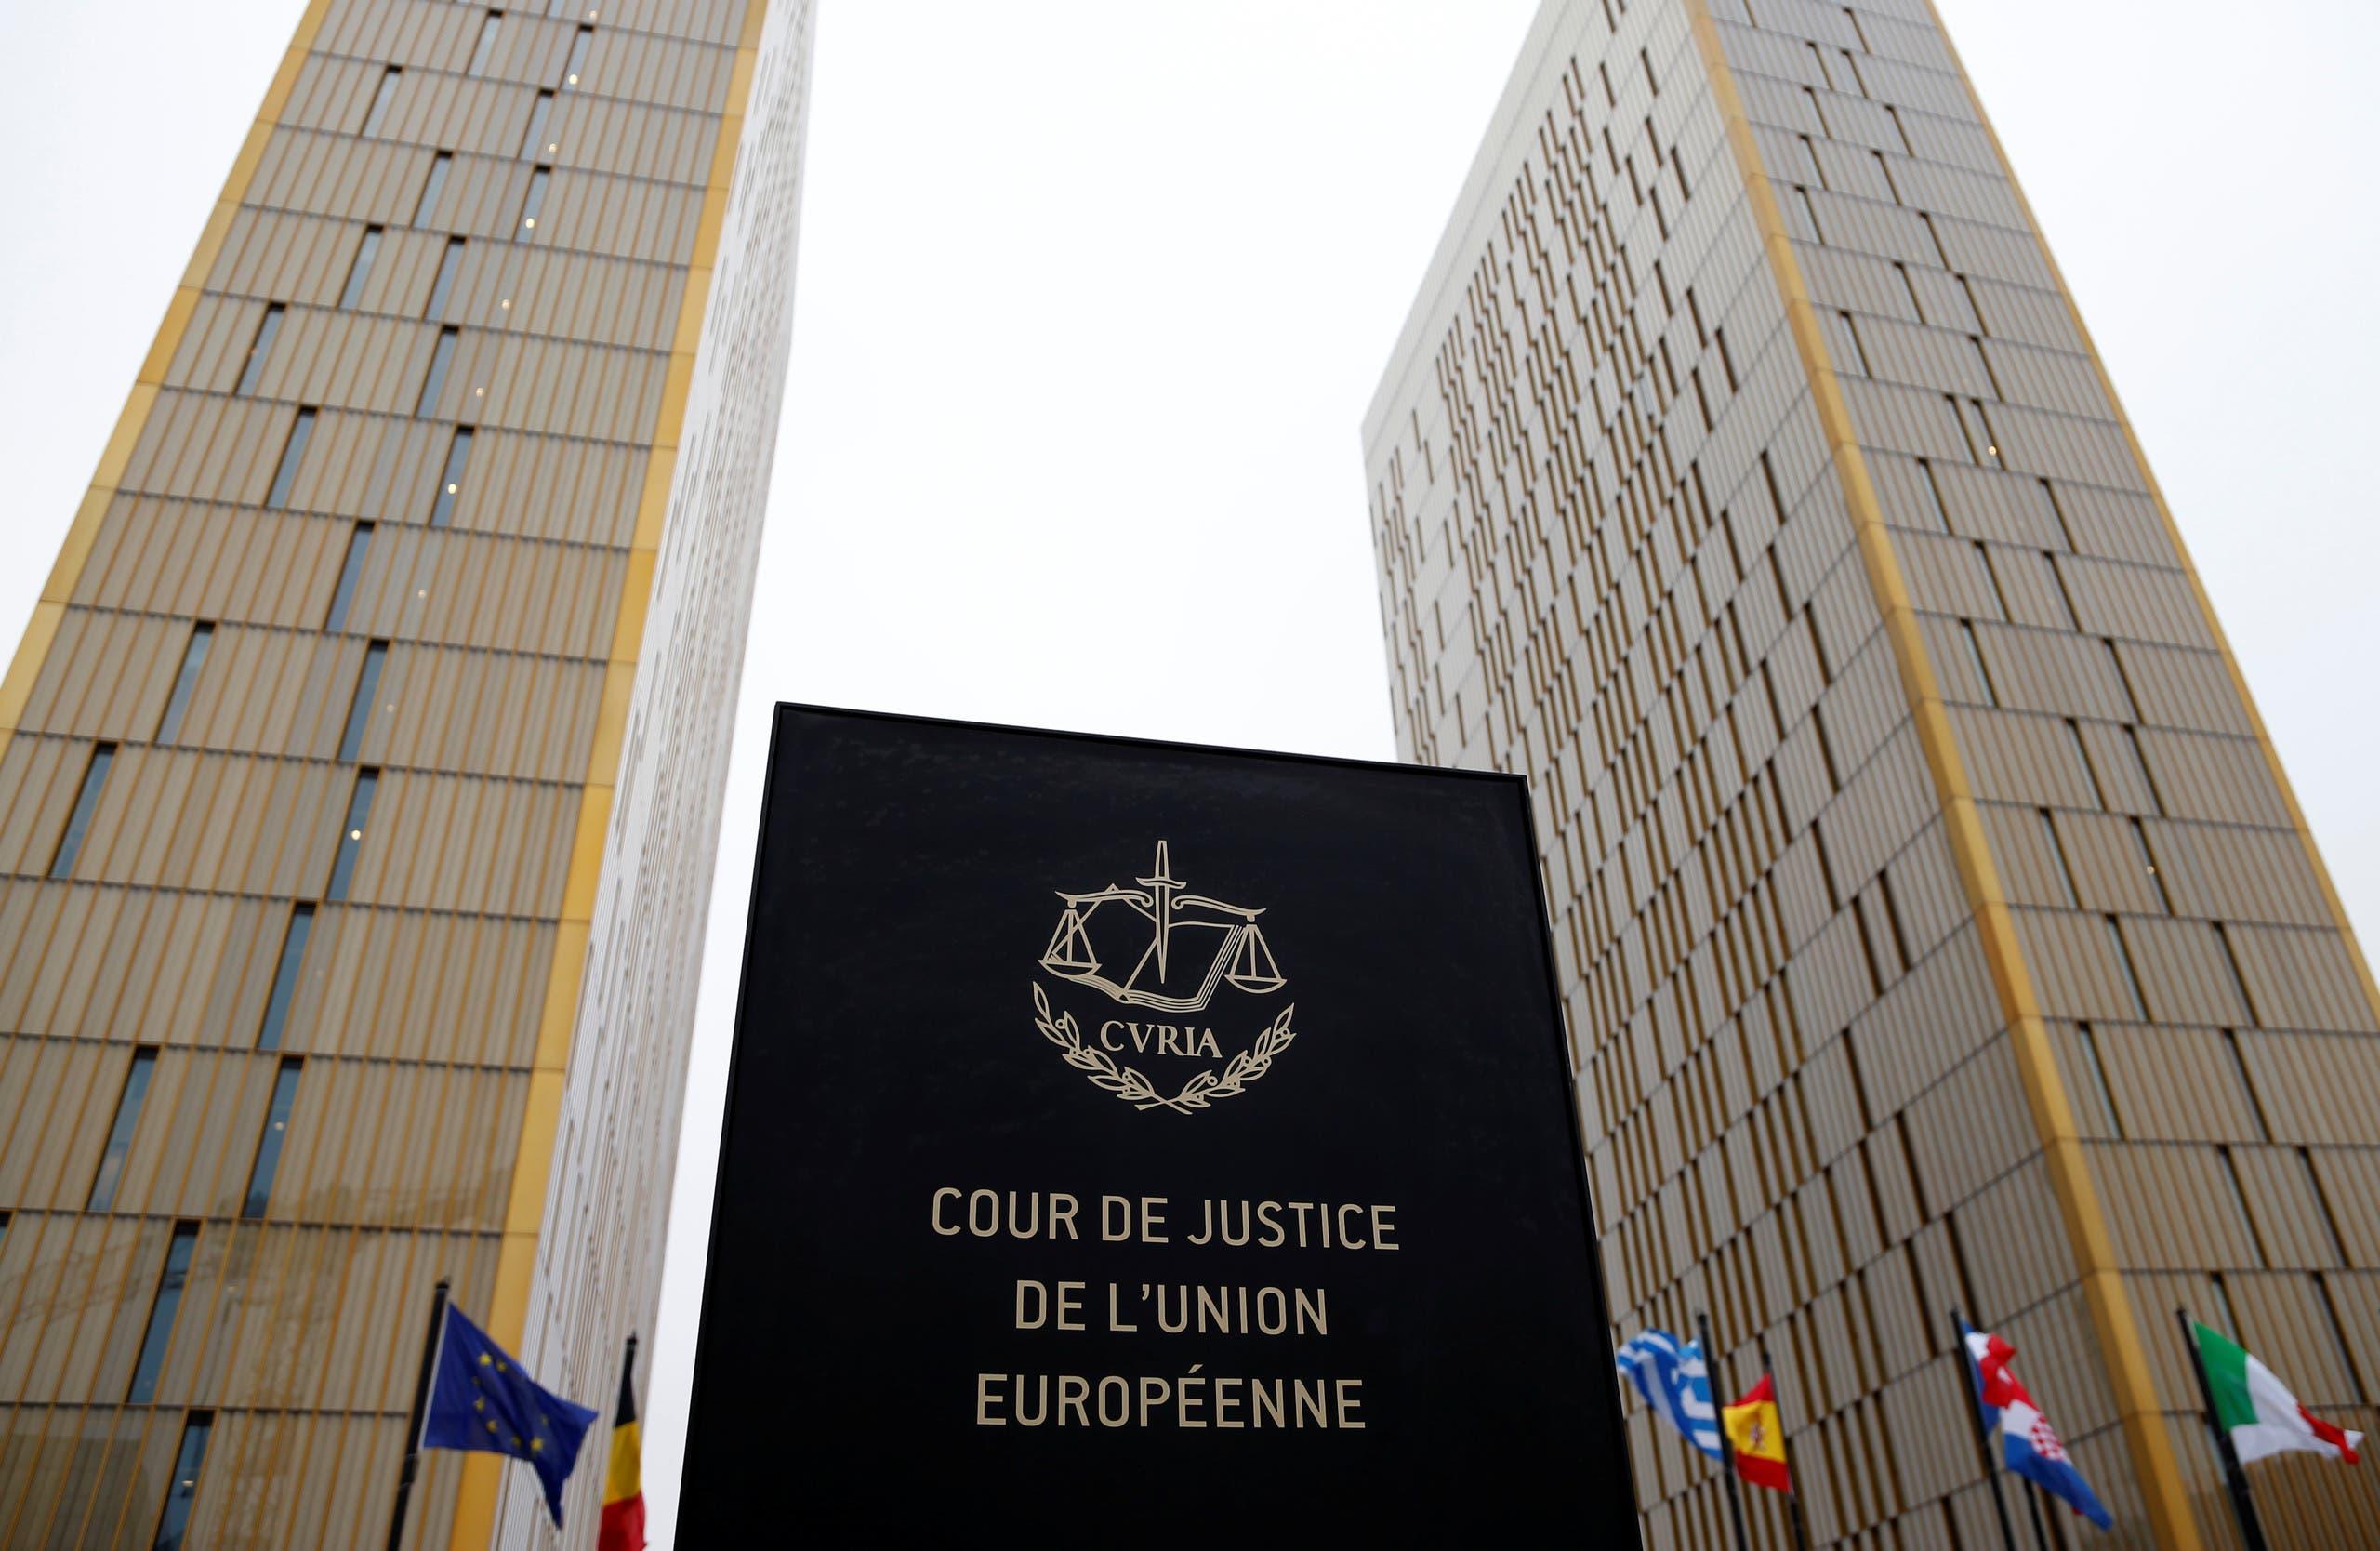 مقر محكمة العدل الأوروبية في لوكسمبورغ